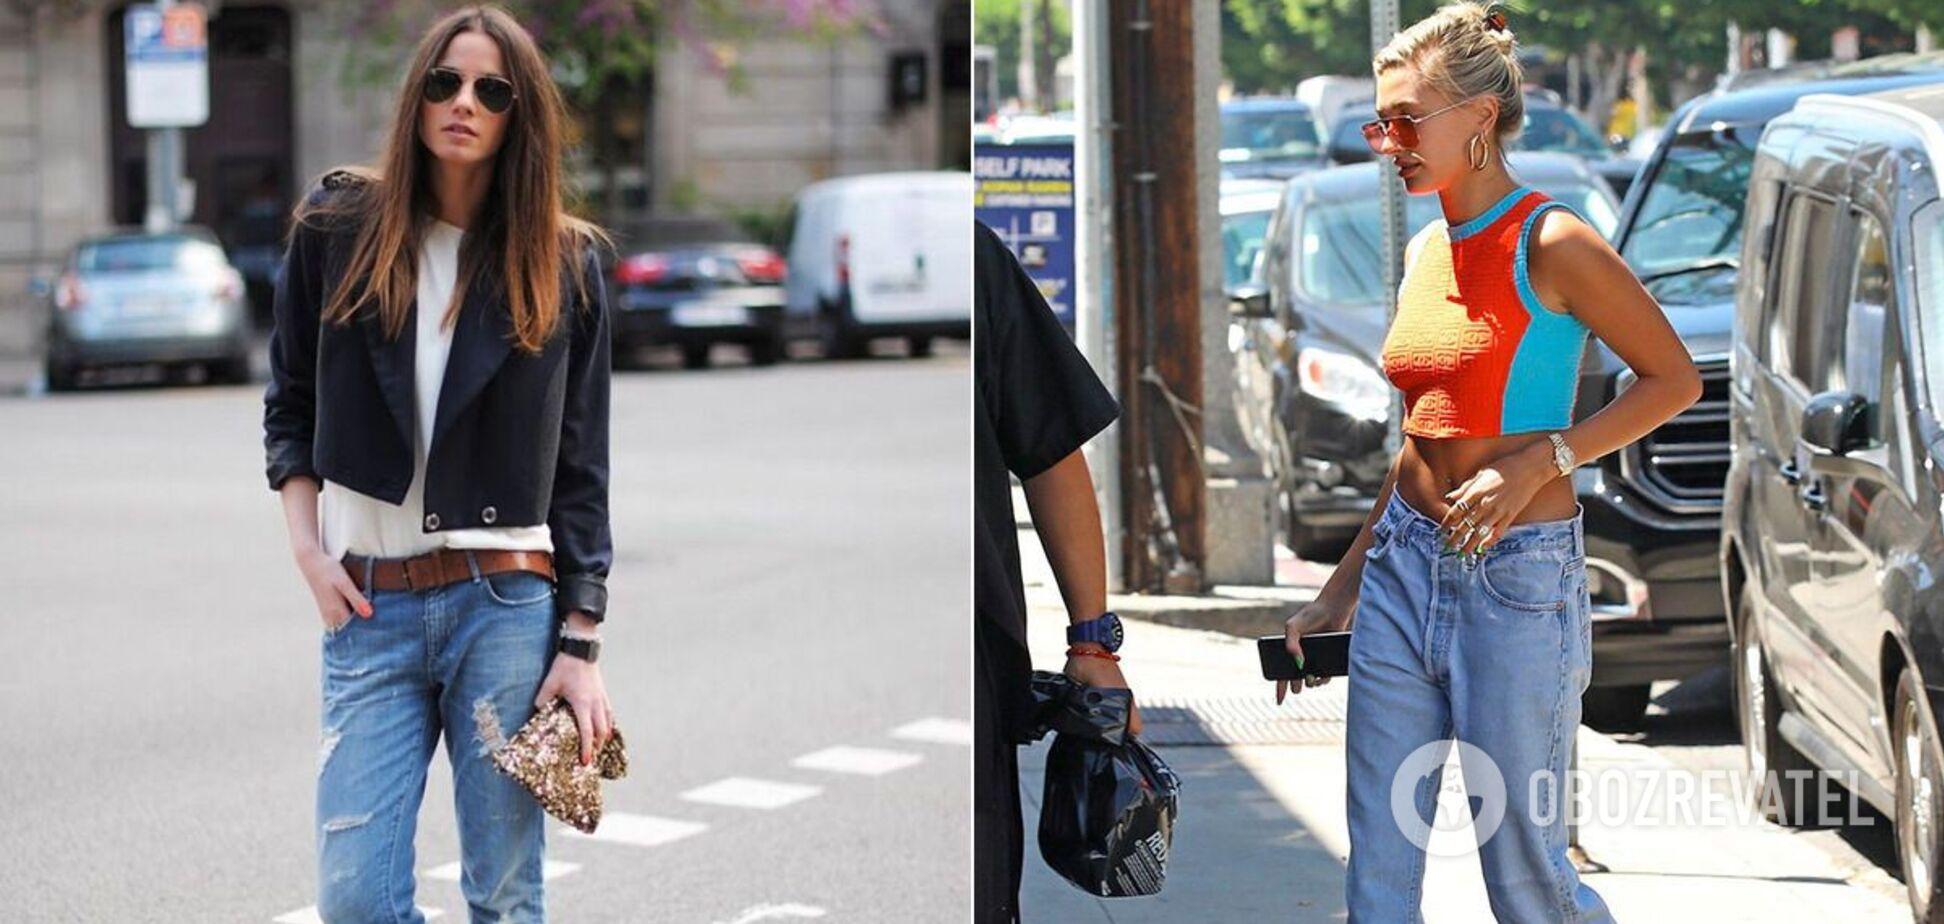 С чем носить тренд из 2000-х джинсы с низкой посадкой: топ-3 вариантов